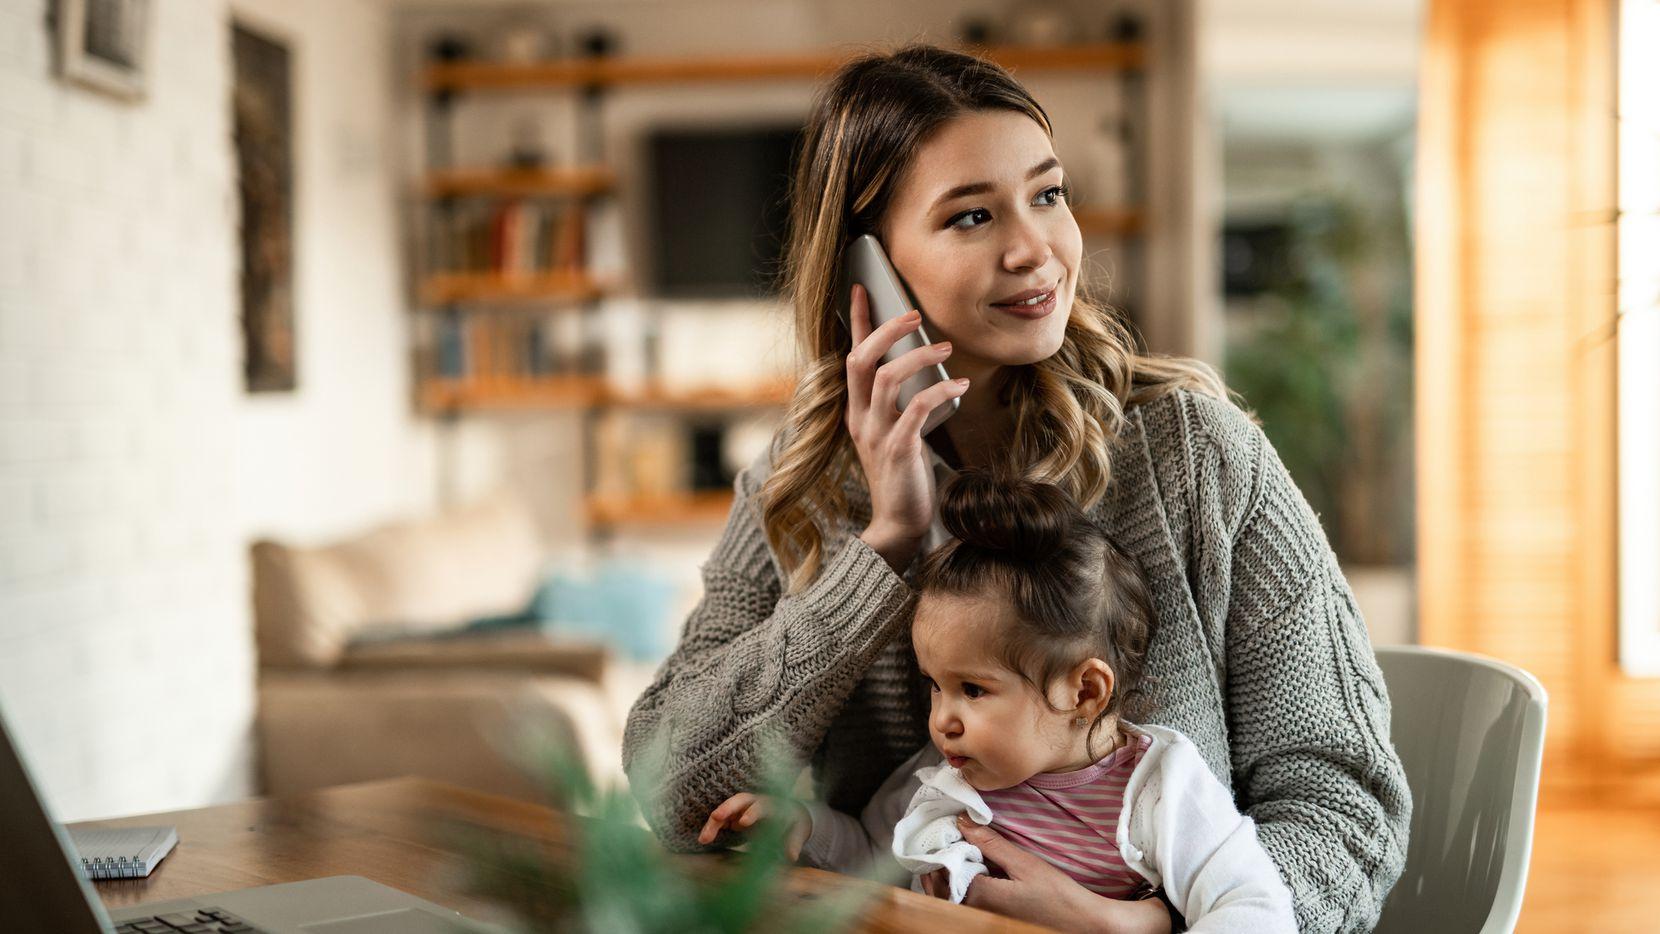 Usuarios de compañías como T-Mobile, Metro, Verizon, AT&T y Sprint reportaron no poder recibir o hacer llamas el lunes. Existen maneras de comunicarse todavía cuando el servicio de voz y datos tiene problemas.